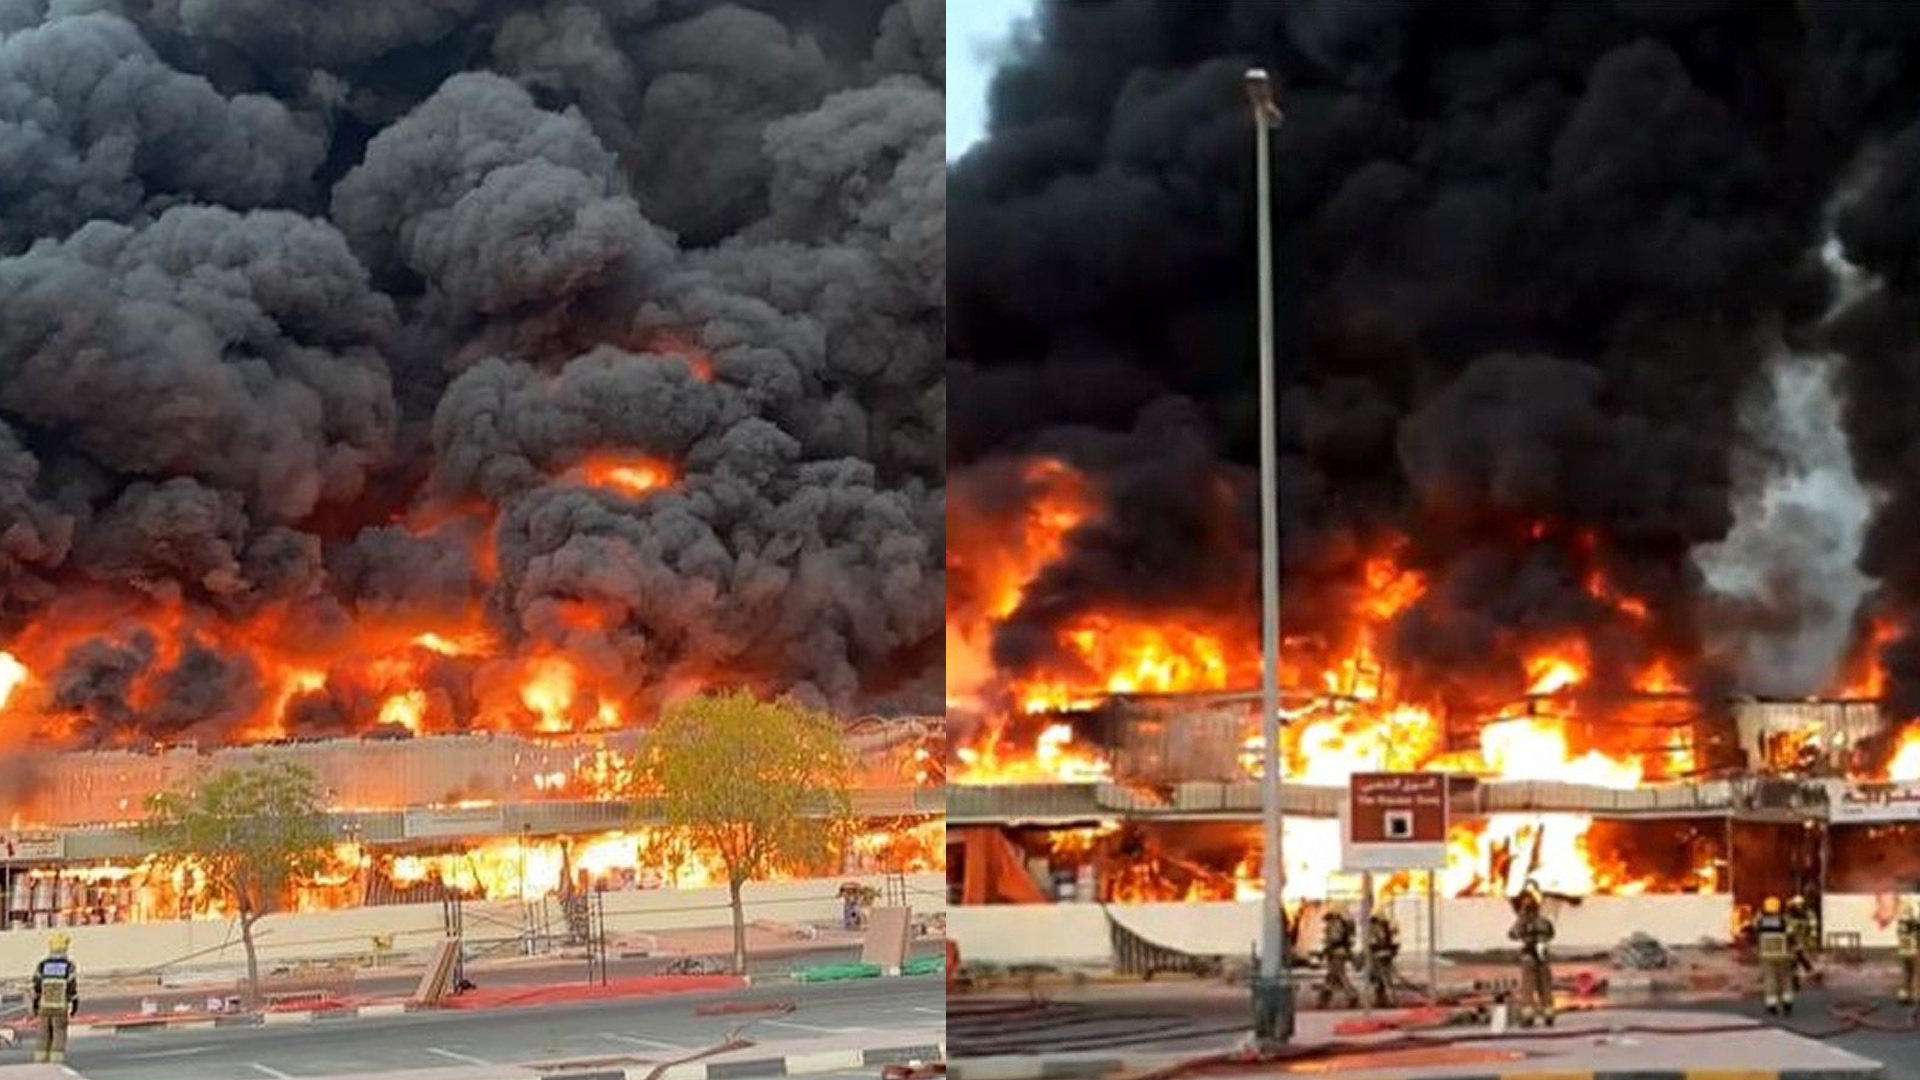 Gigantesco incendio azota zona industrial en Emiratos Árabes Unidos (VÍDEO)